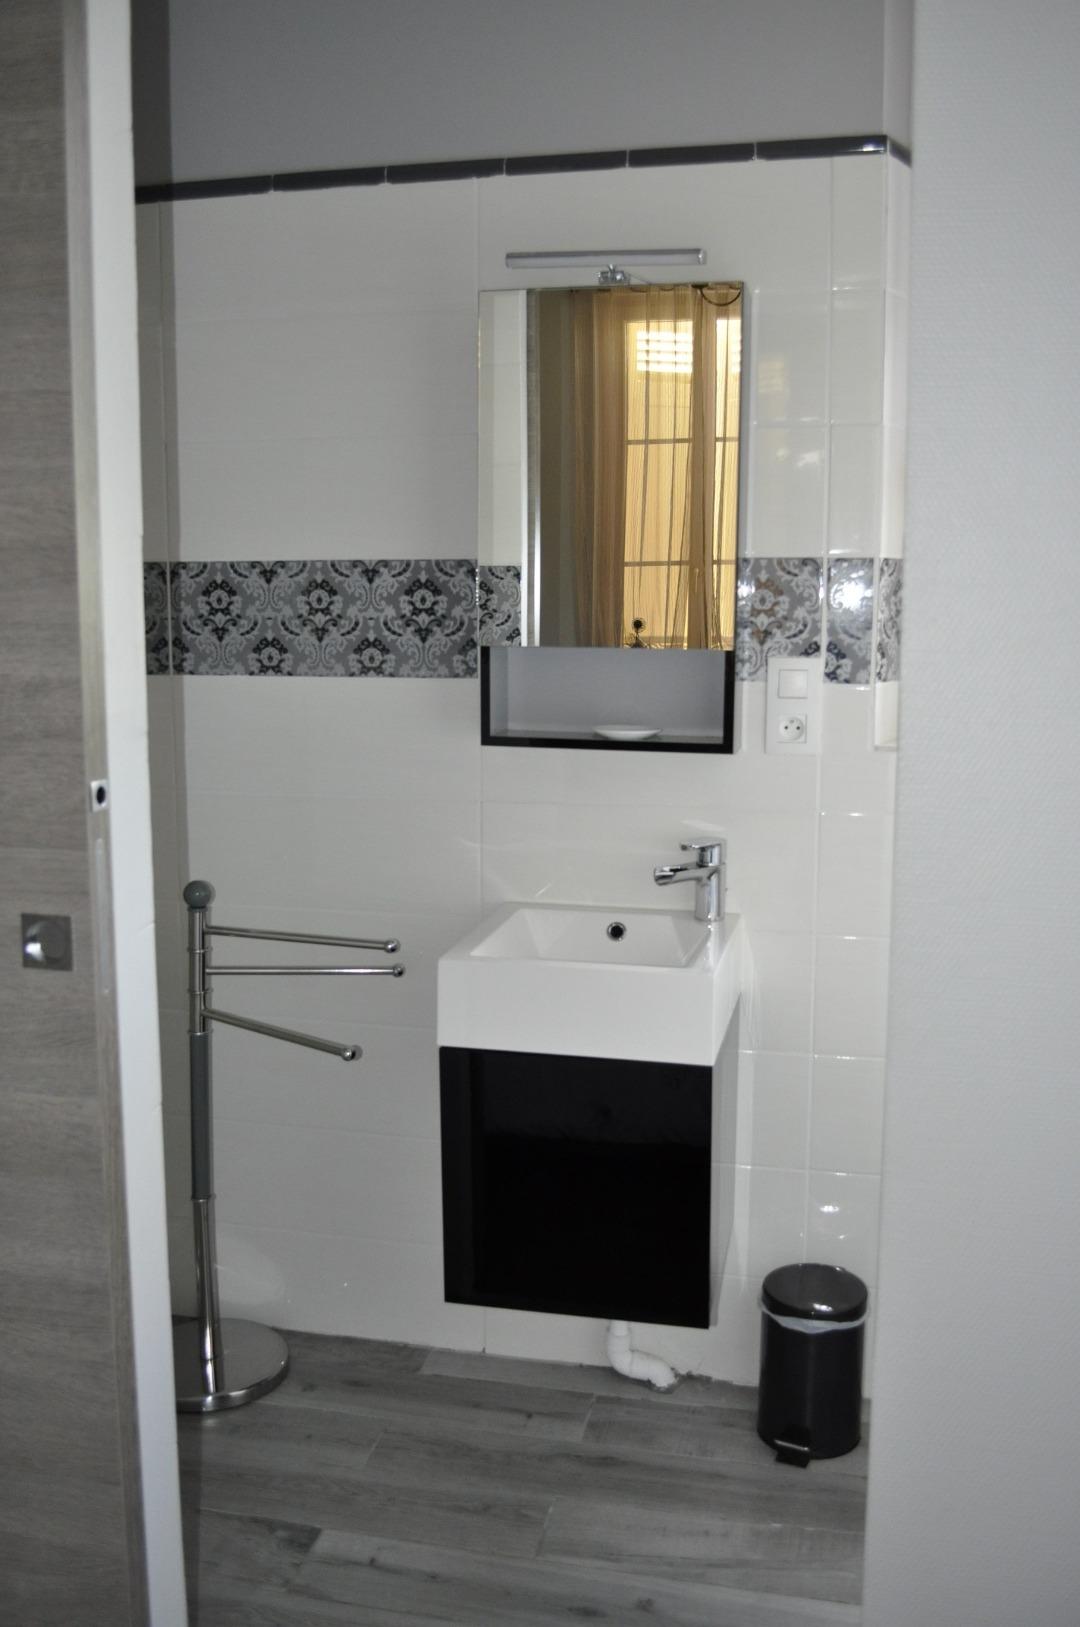 Chambre d'hôte avec salle de bain à Ludon-Médoc